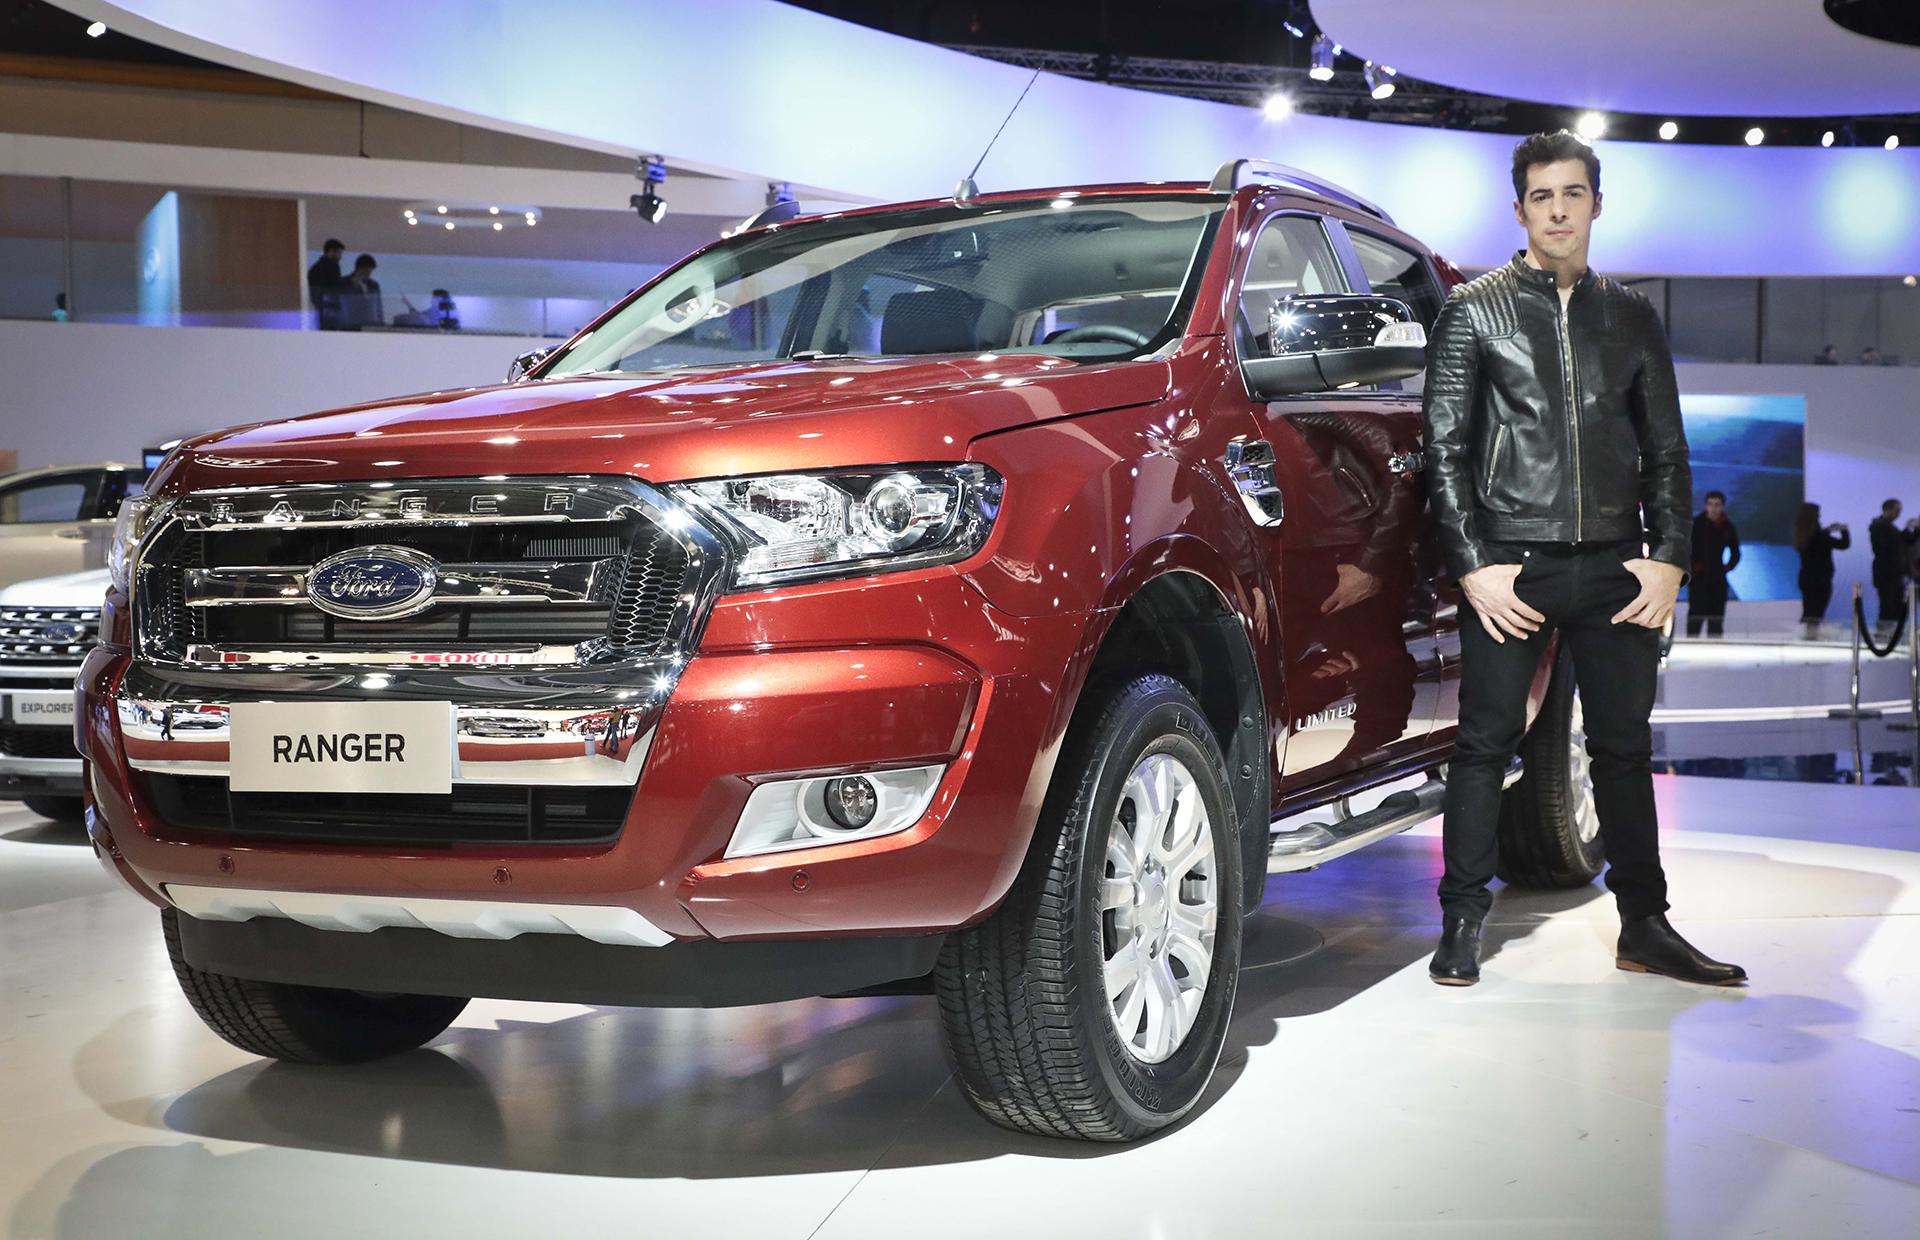 El actor Esteban Lamothe se detuvo ante la Ford Ranger